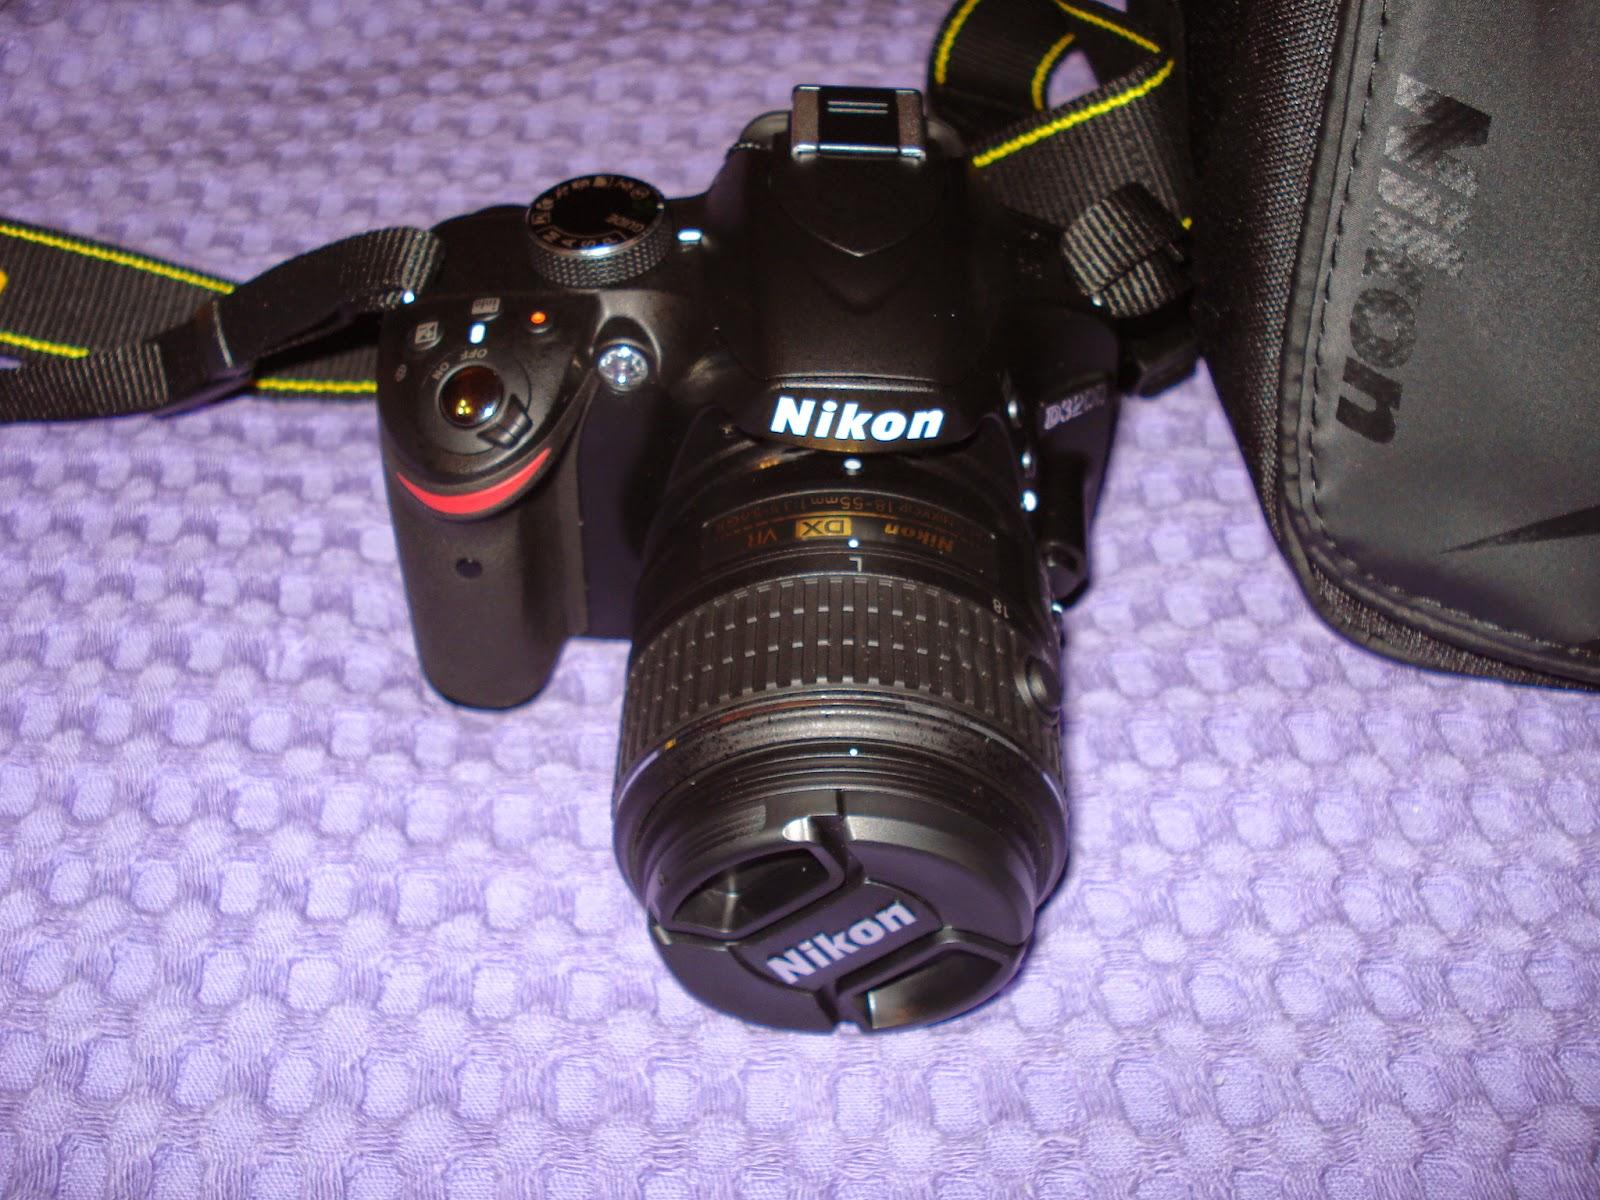 Camera Reviews On Nikon D3200 Dslr Camera nikon d3200 dslr camera consumer review test and review